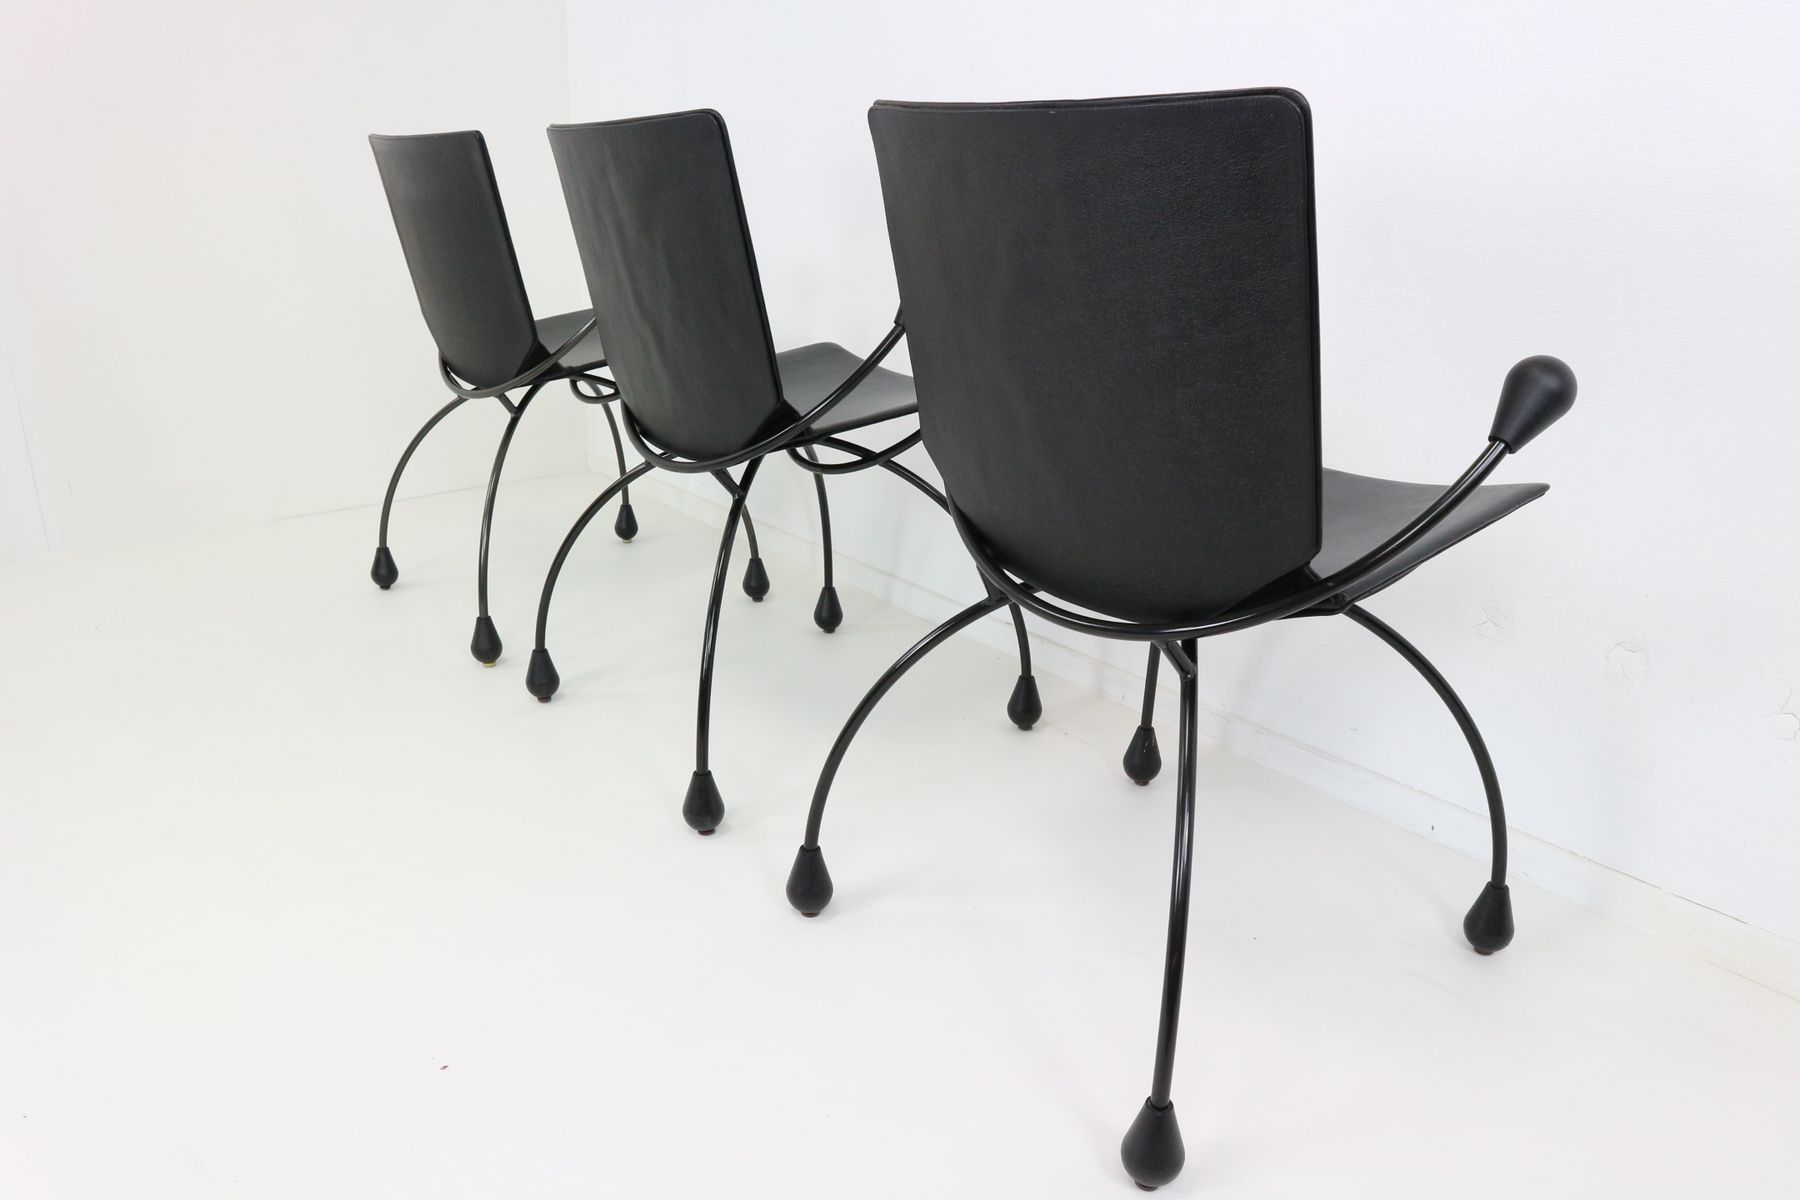 Chaise de salle manger en cuir noir 1980s en vente sur - Chaise cuir noir salle manger ...